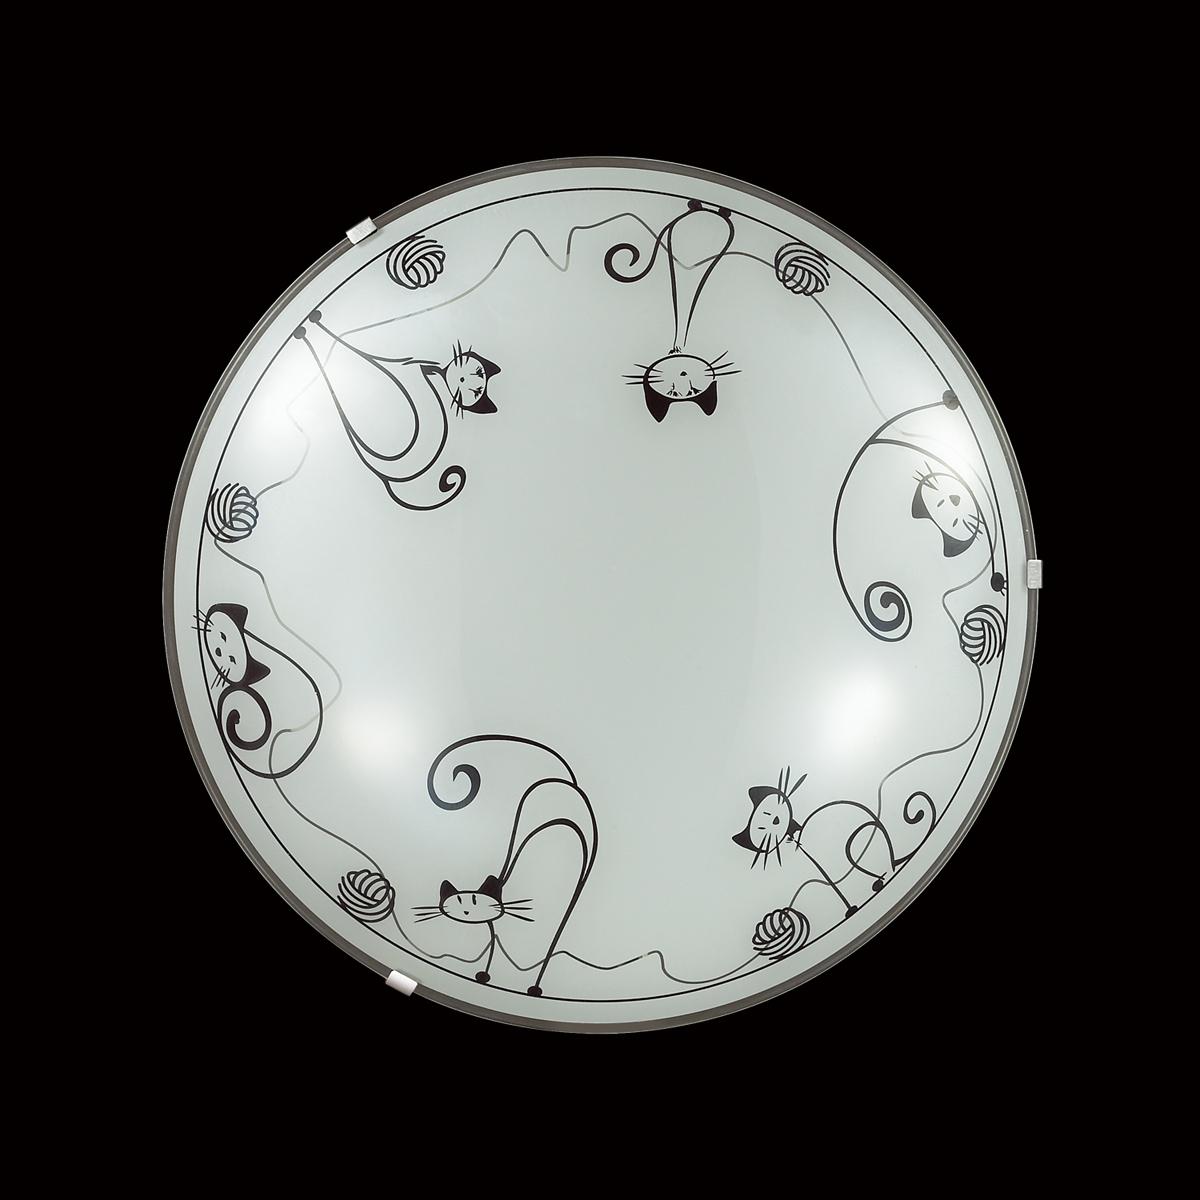 Потолочный светодиодный светильник Sonex Cats 2070/DL, LED 48W, хром, белый, черный, металл, стекло - фото 2